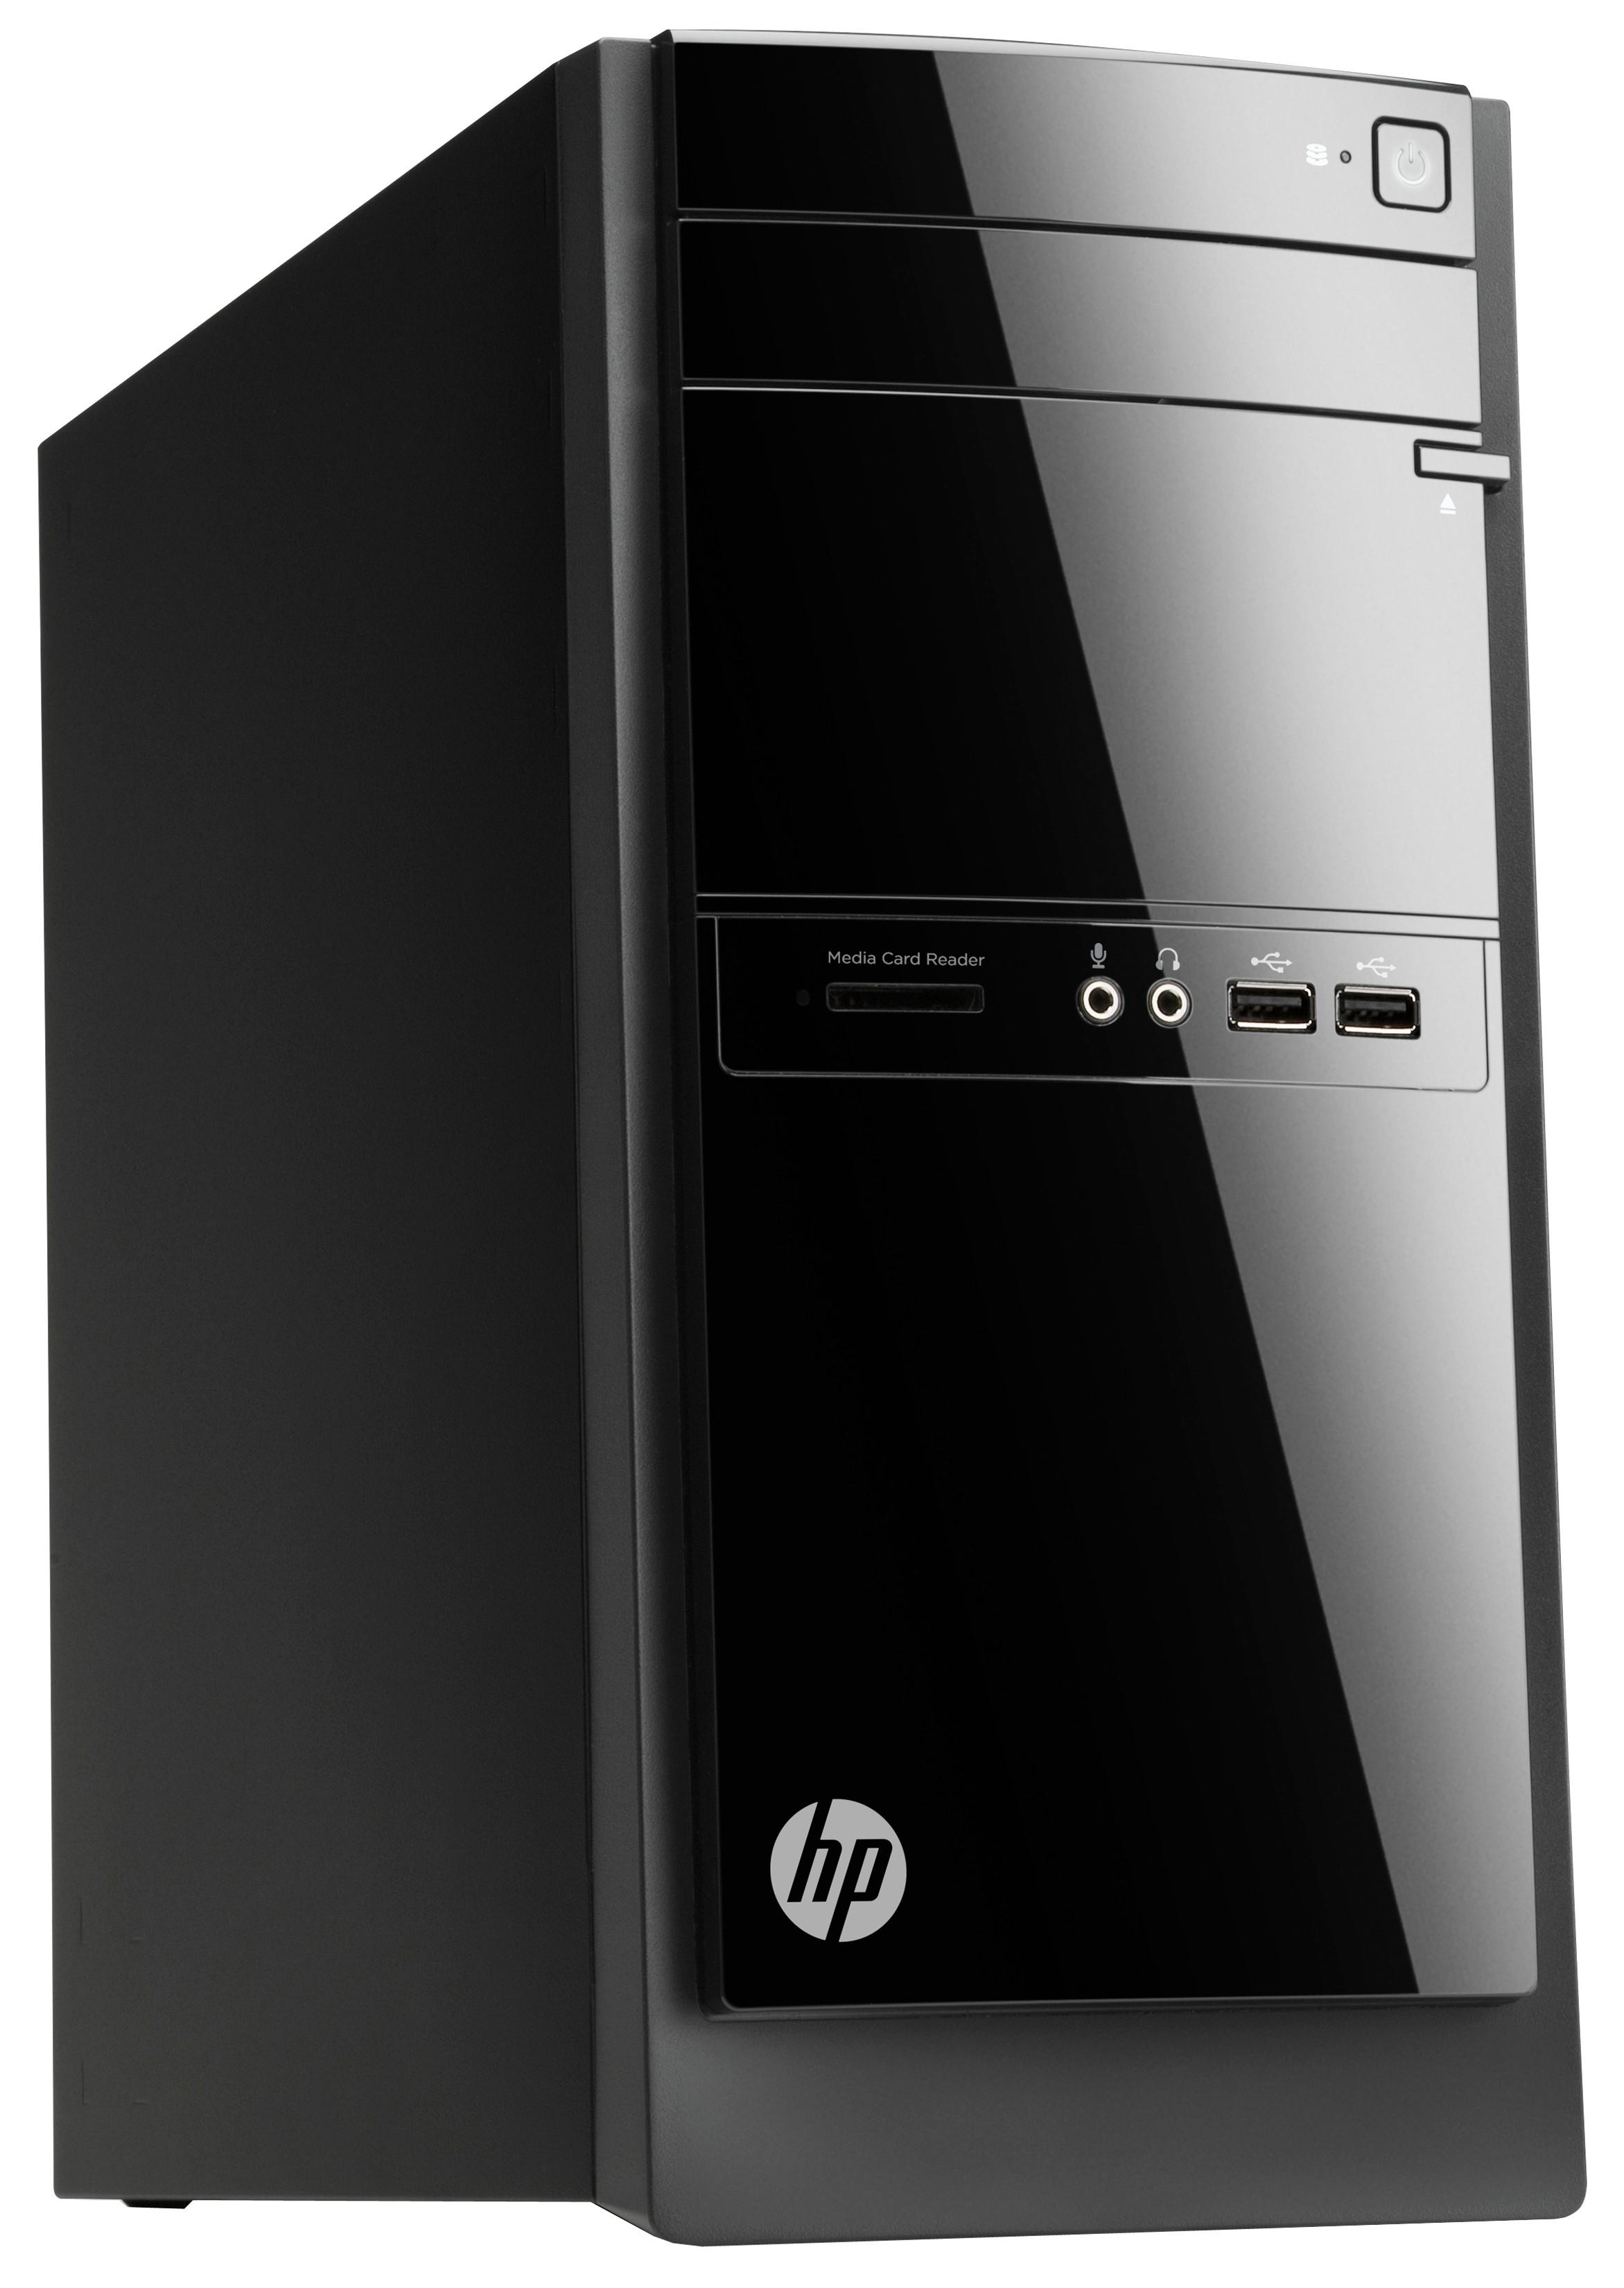 J2H64EA#UUW : HP 110-305no stasjonær PC